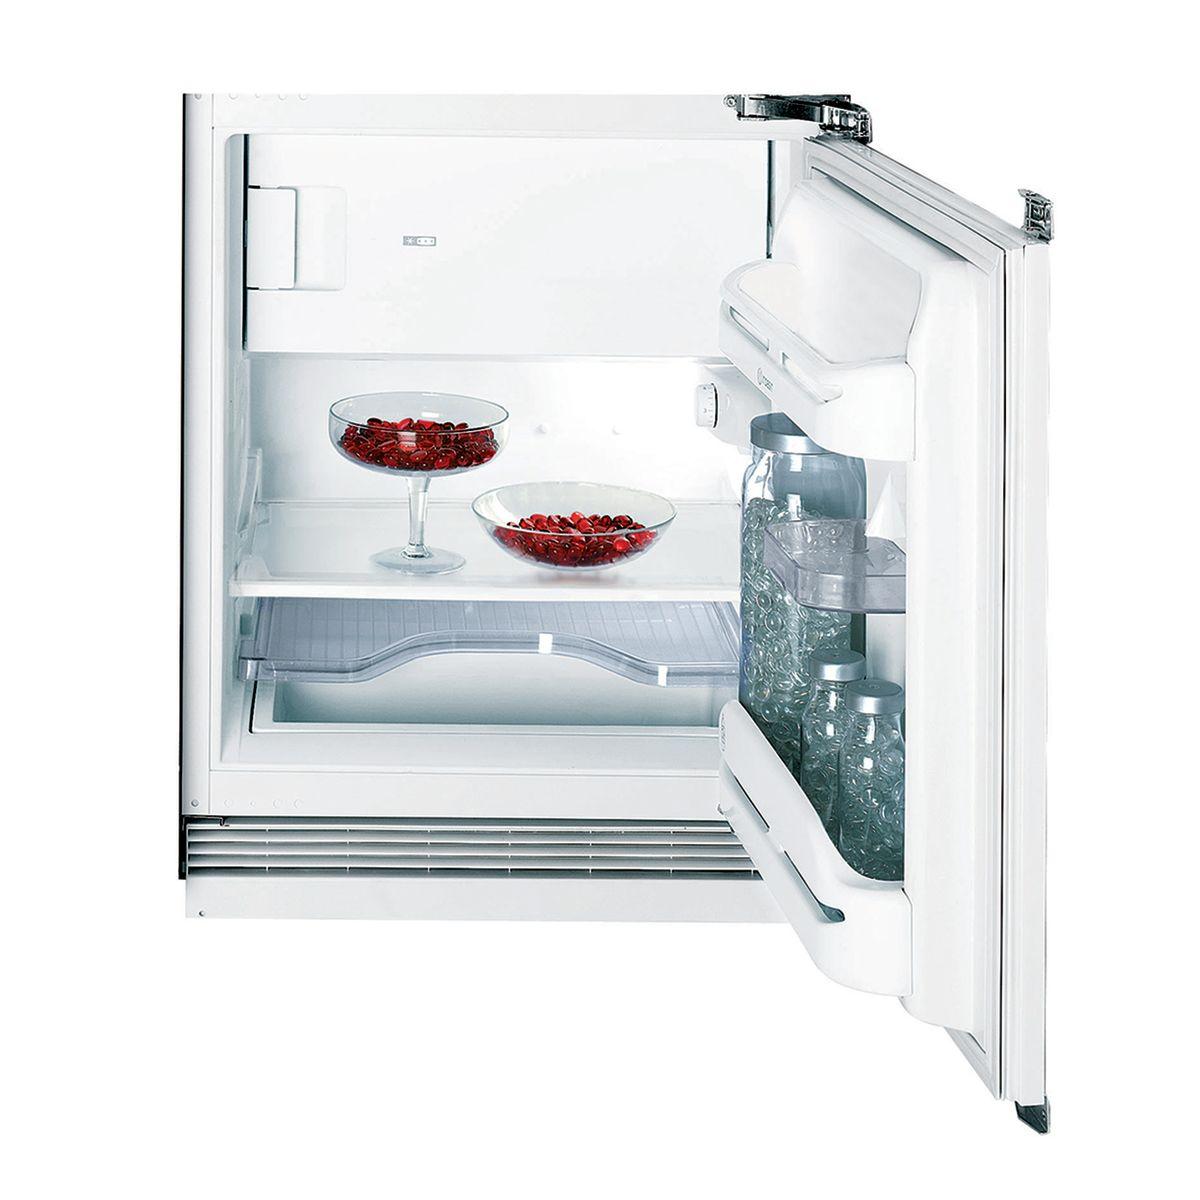 Frigoriferi: prezzi e offerte online per frigoriferi